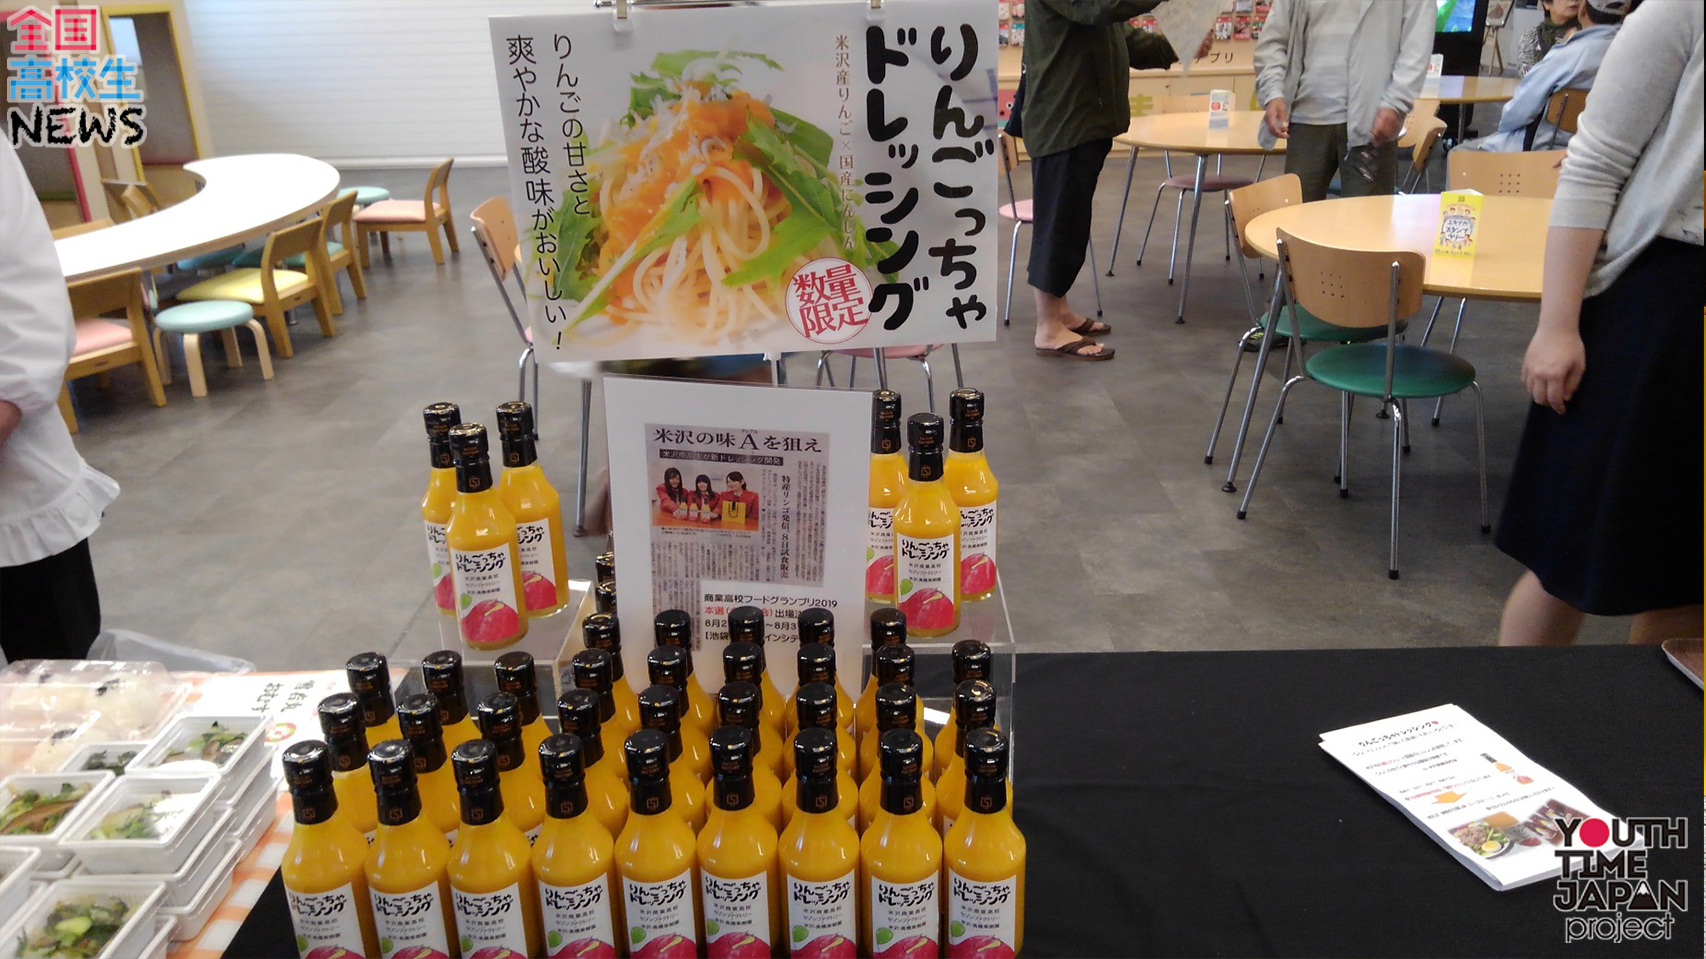 【山形県立米沢商業高校】米沢の特産品「館山リンゴ」を魅力を詰め込んだ『りんごっちゃドレッシング』を開発!